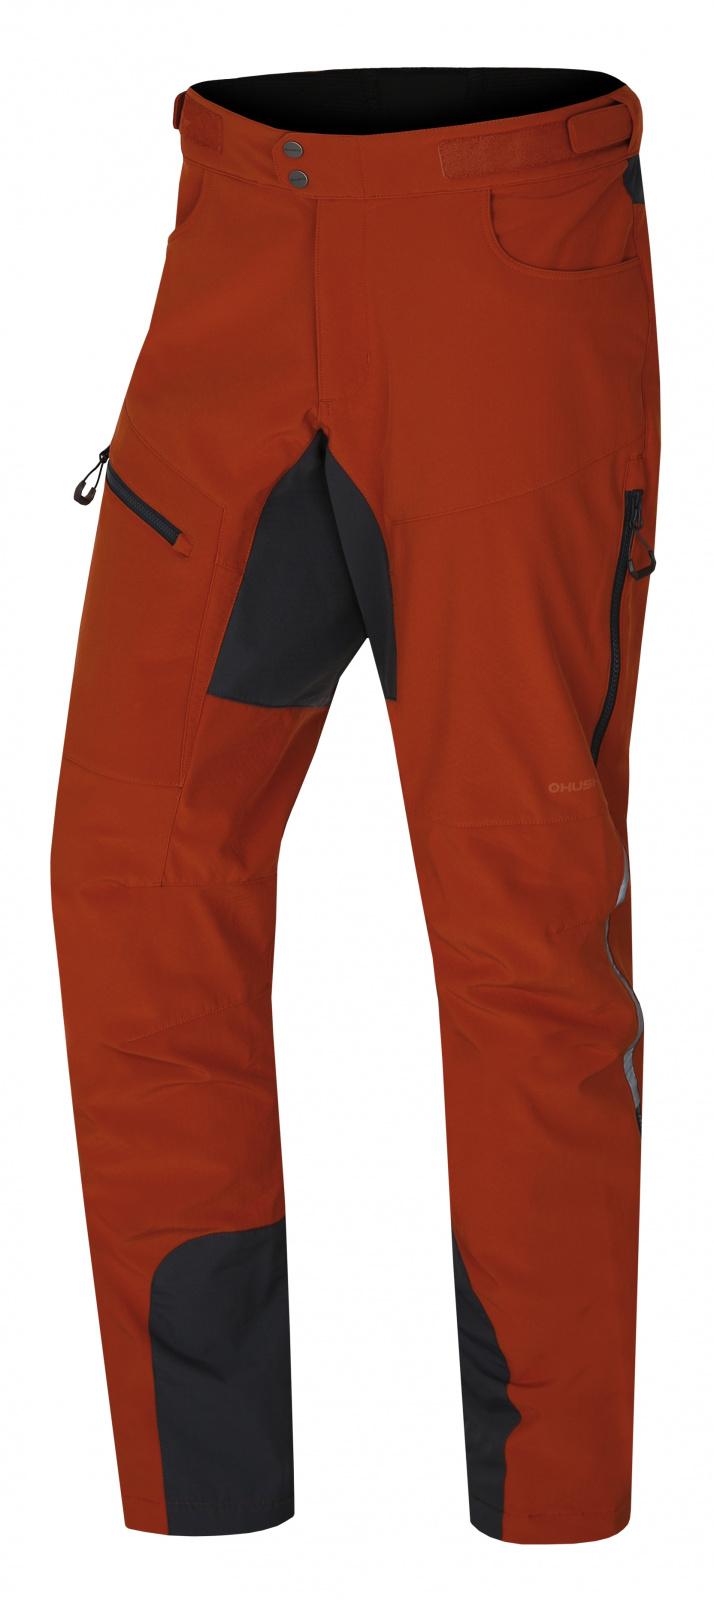 Husky Keson M XL, oranžovohnědá Pánské softshell kalhoty